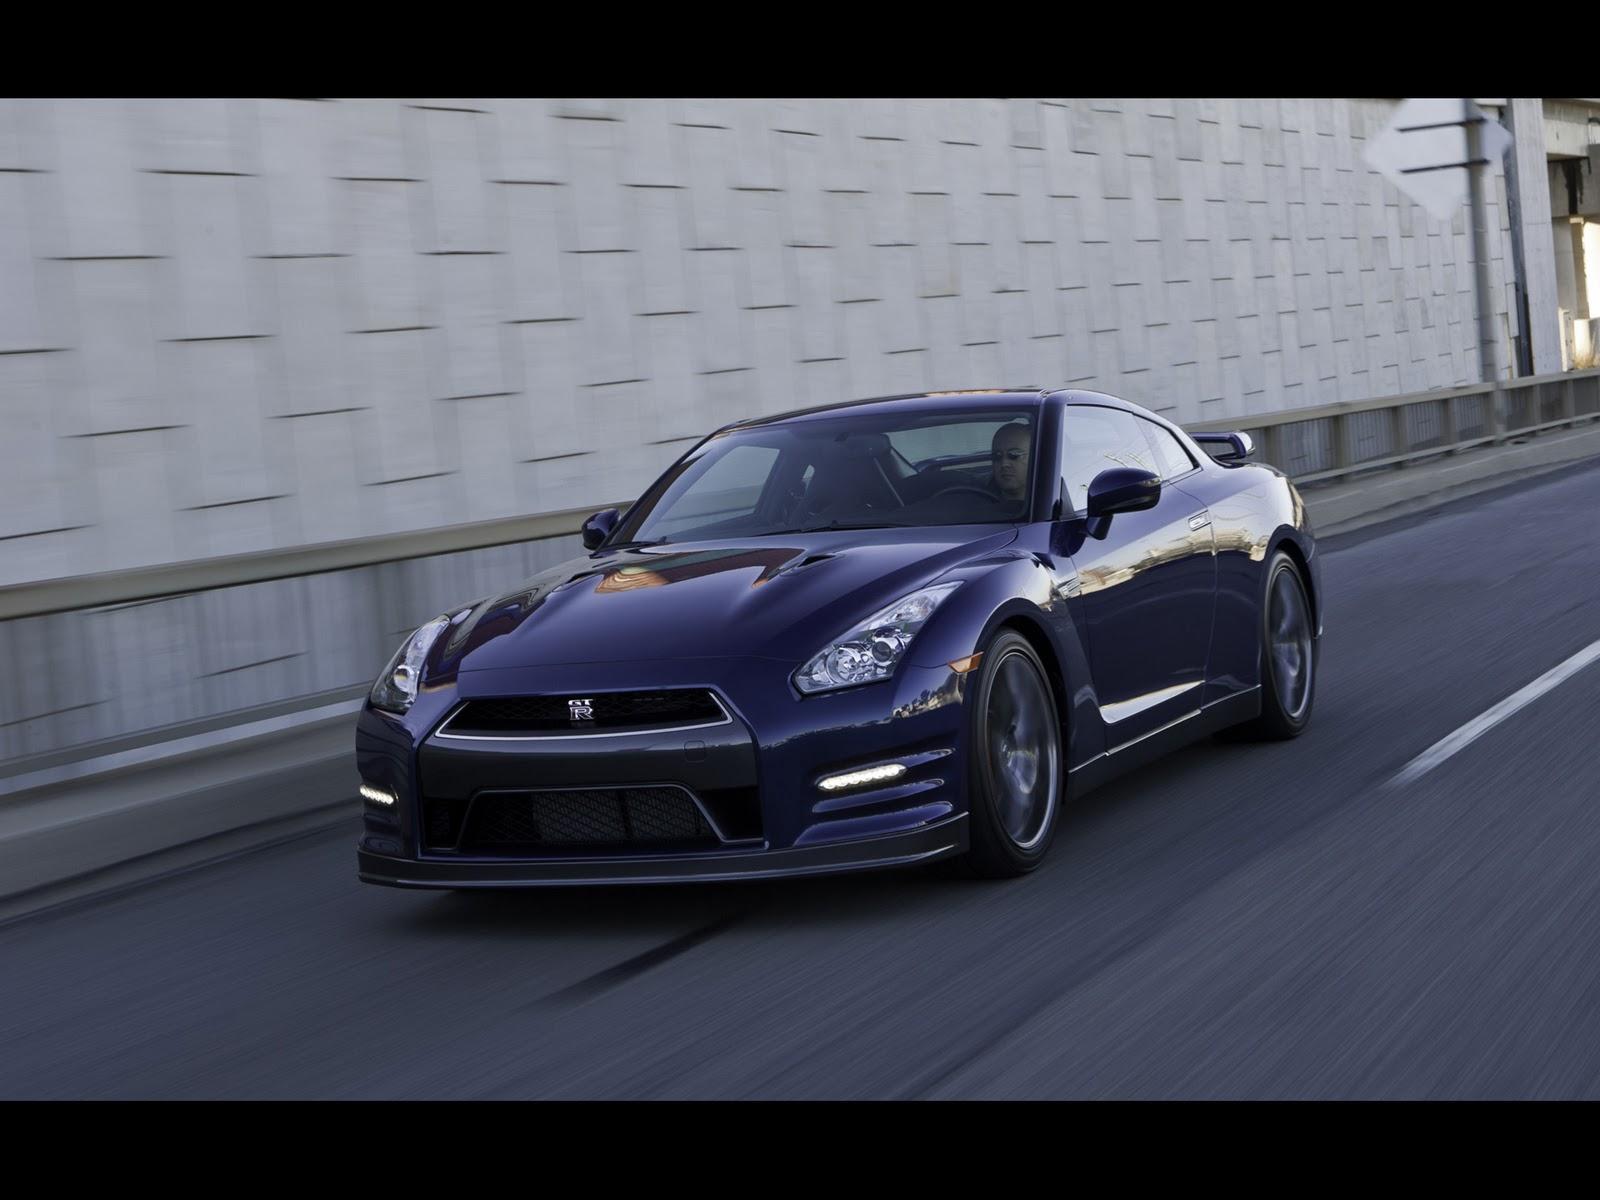 http://1.bp.blogspot.com/_viCh1SFyGrA/TOcymp1x-xI/AAAAAAAAAGc/as7hyO9d8Ac/s1600/2012-Nissan-GTR-Front-Angle-Speed-2-1920x1440.jpg